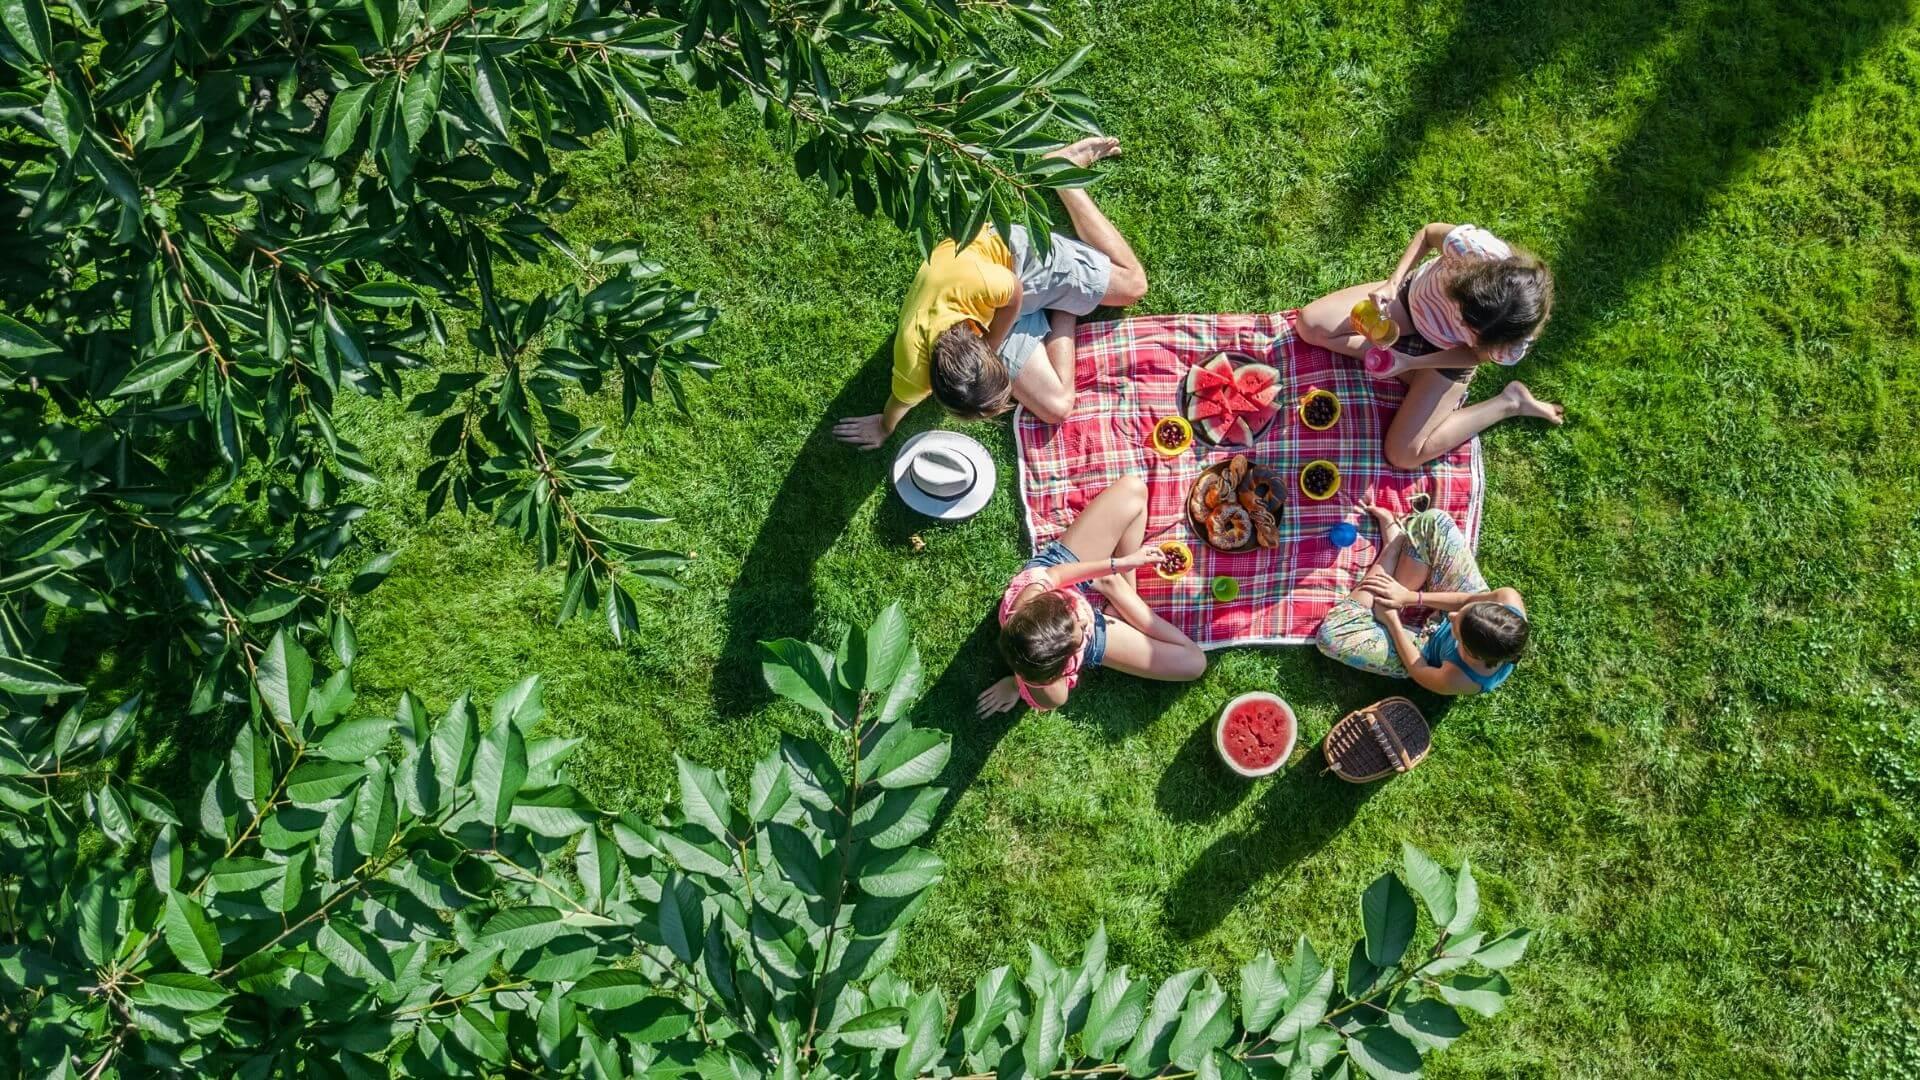 picnics outside